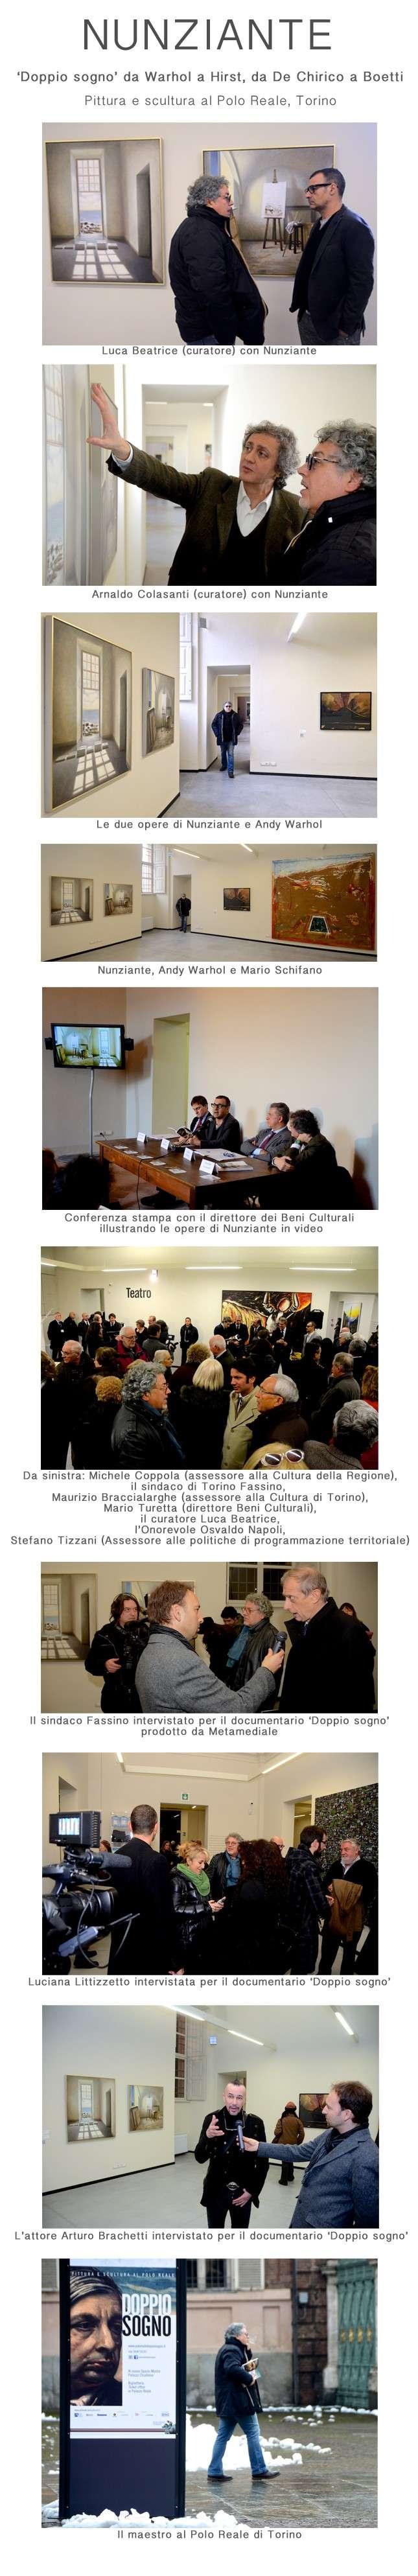 NUNZIANTE alla mostra DOPPIO SOGNO - da Warhol a Hirst da De Chirico a Boetti 03021410